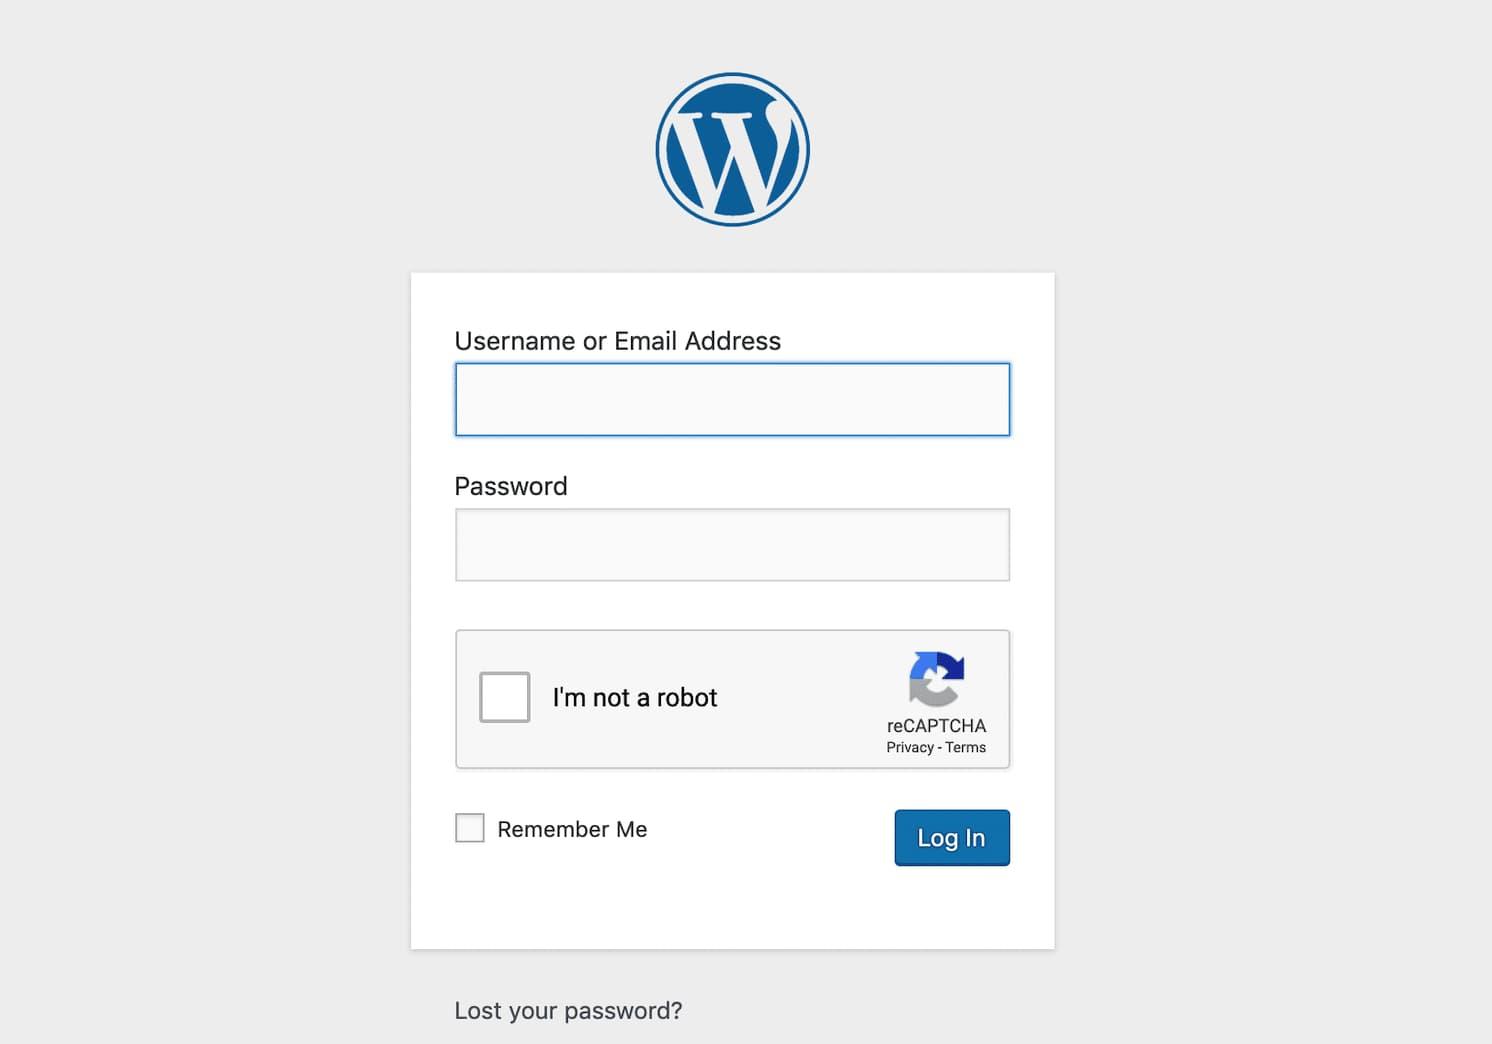 WordPressログインページのGoogle reCAPTCHAチェックボックス